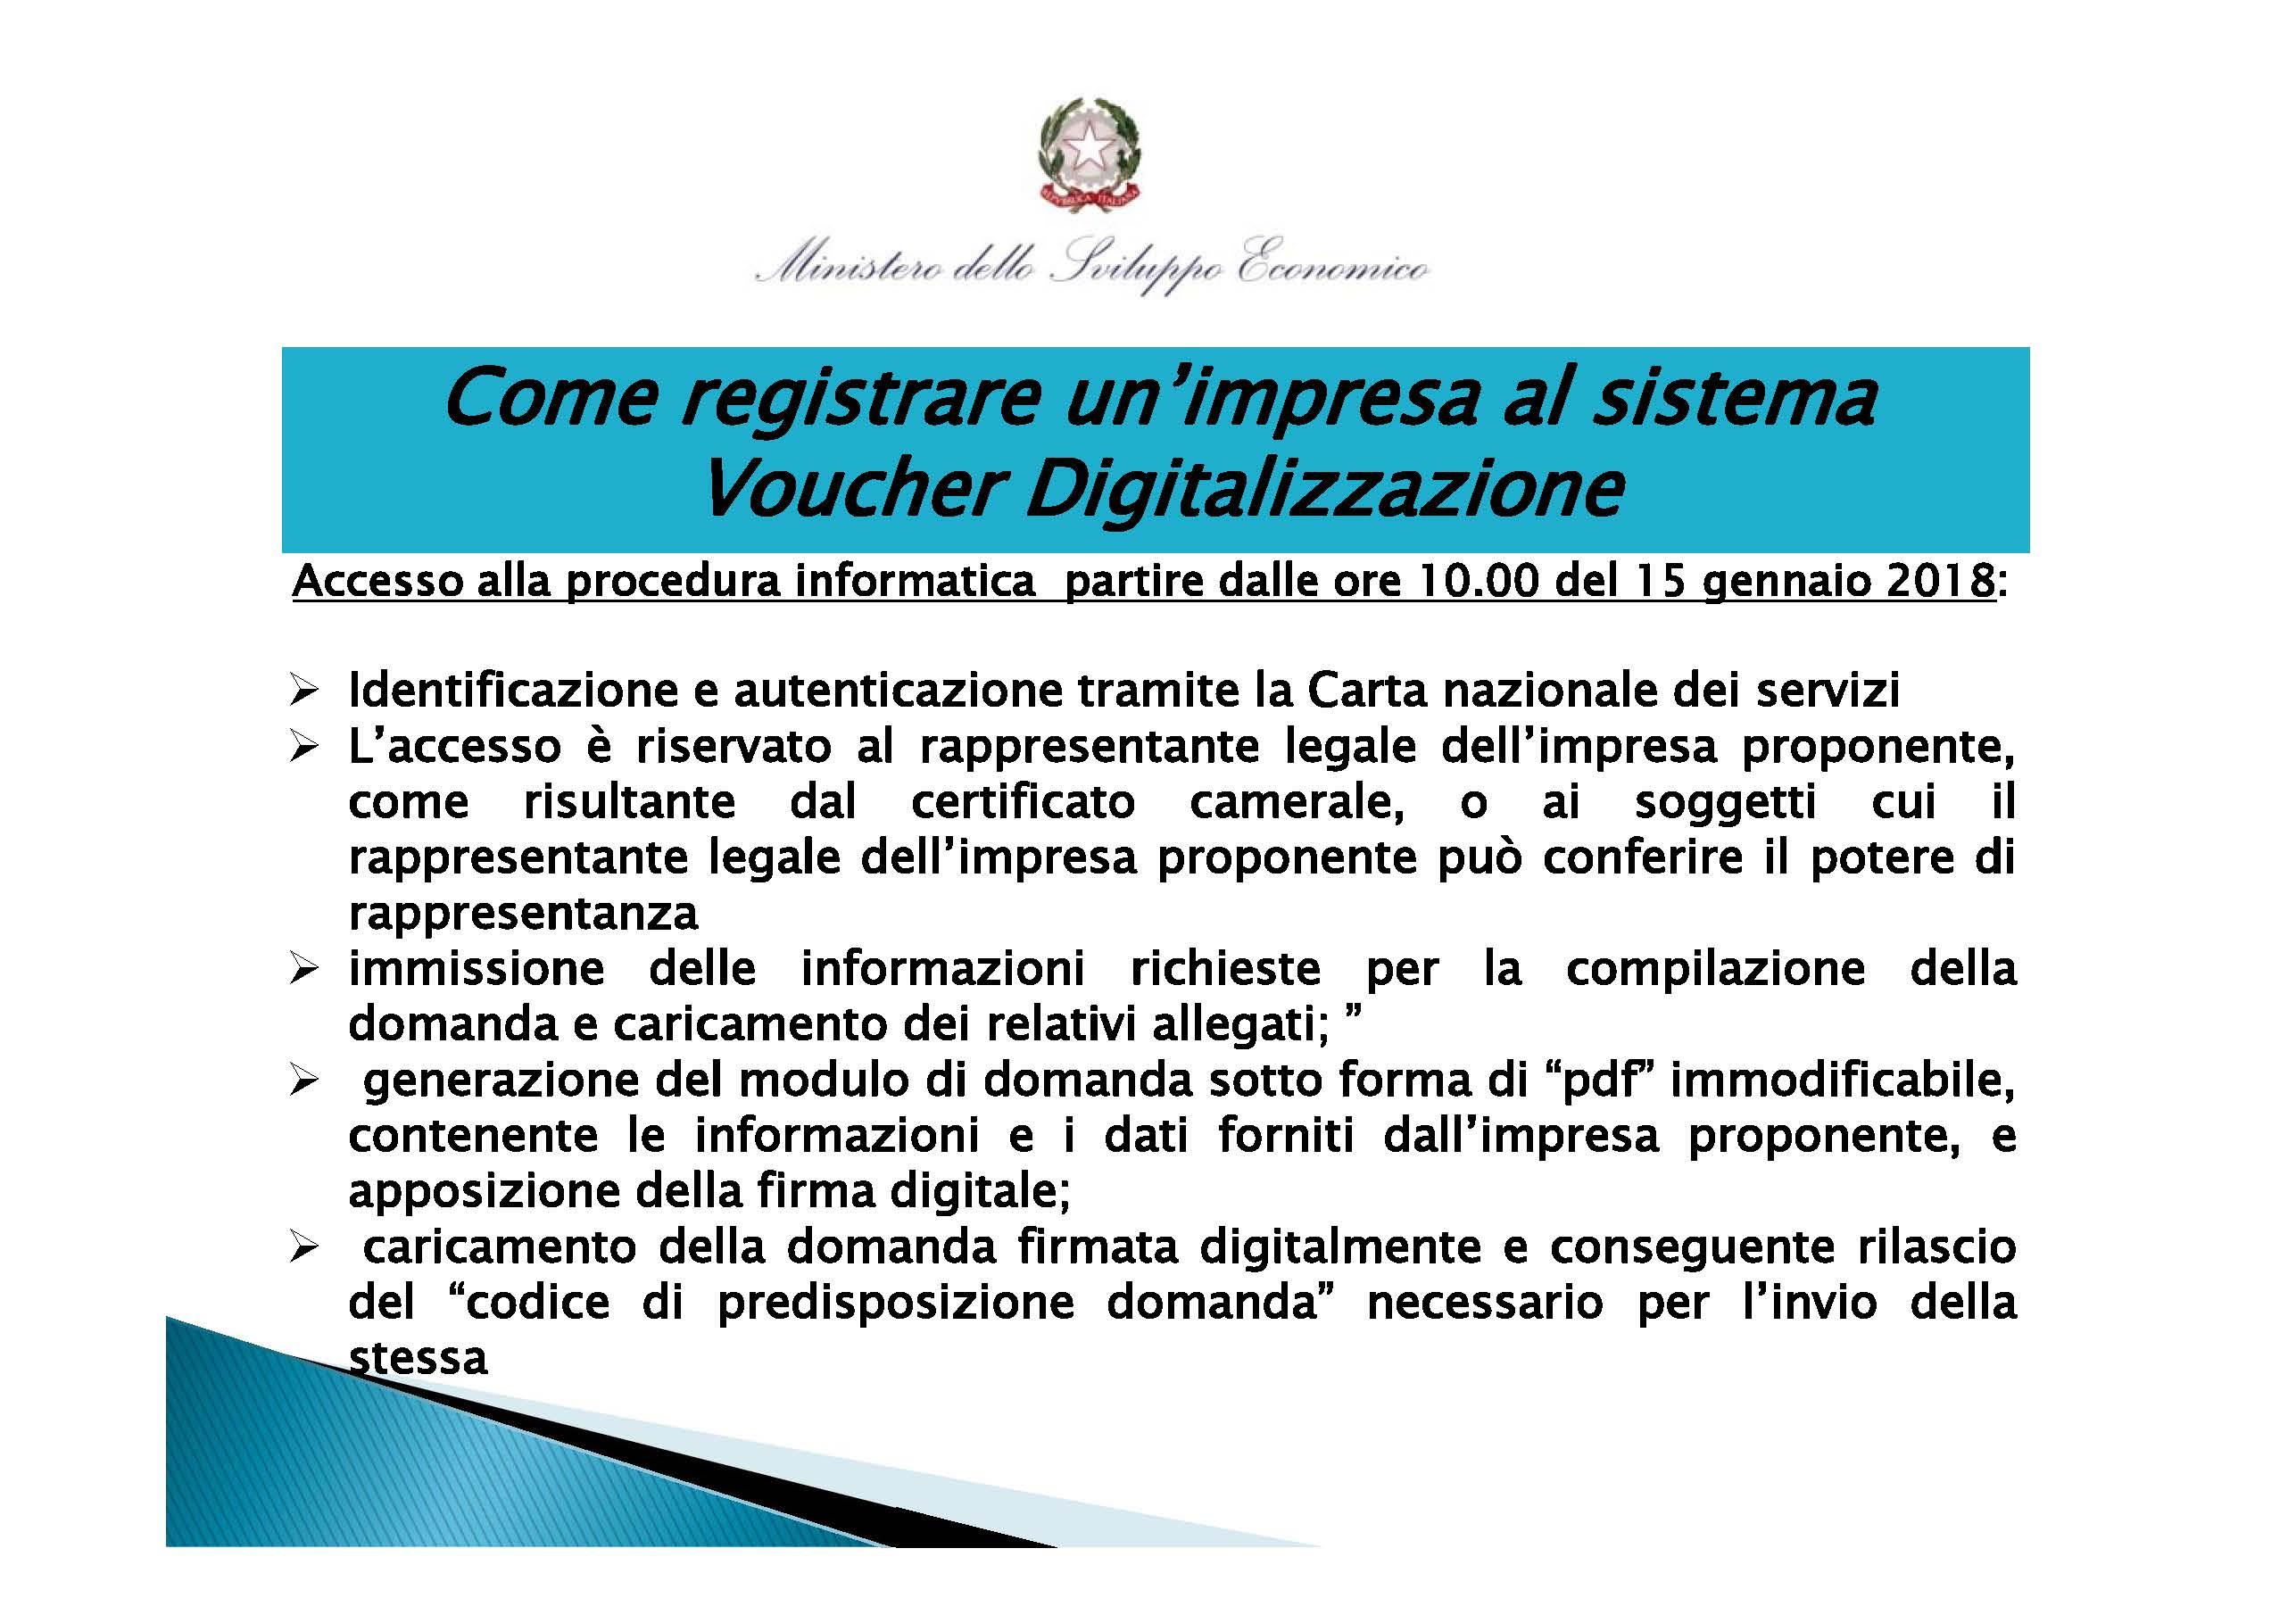 voucher-digitalizzazione-slide-bandoni_pagina_10